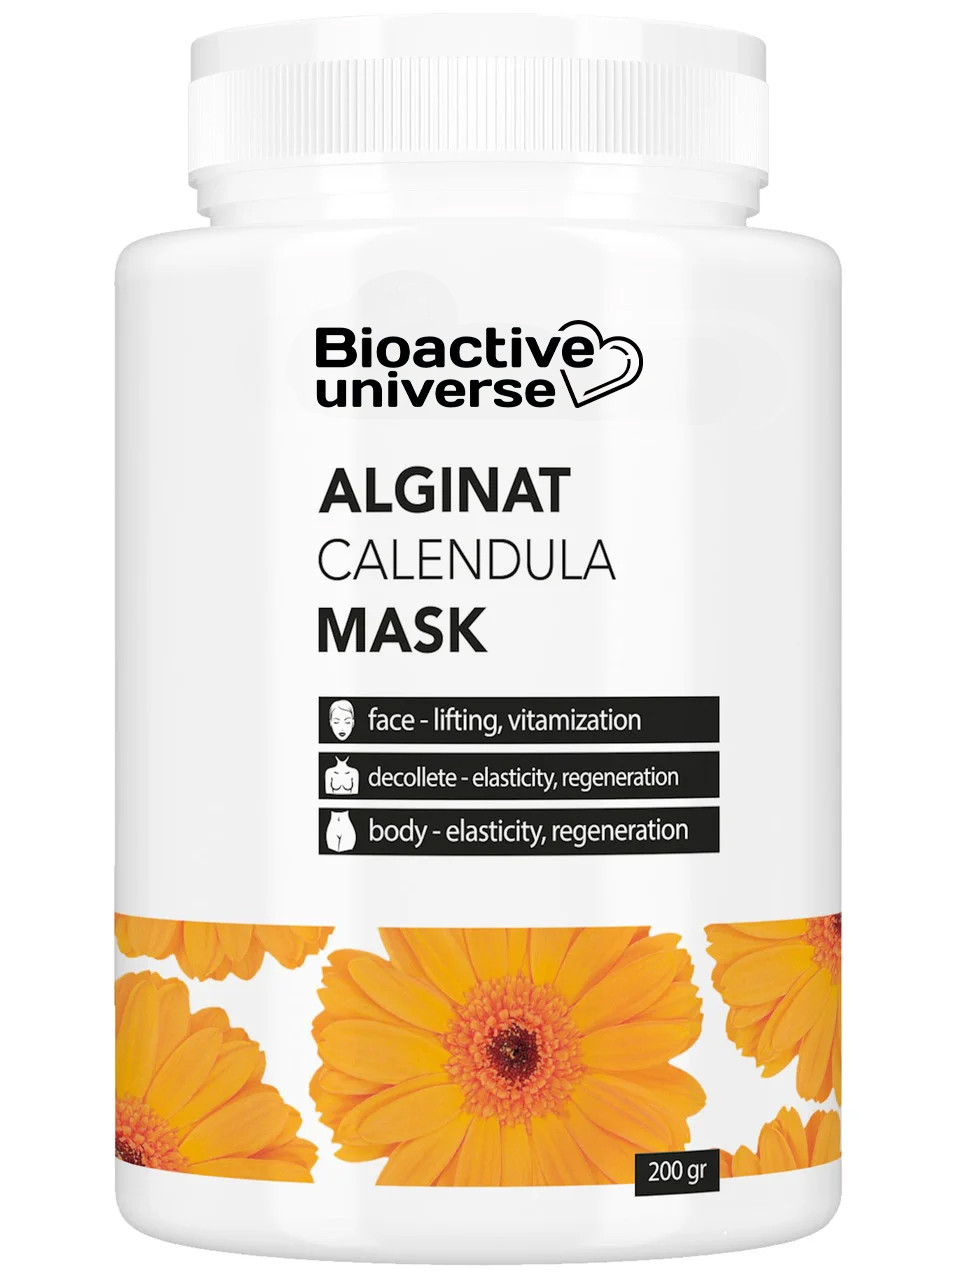 Альгинатная маска с календулой, 200 г